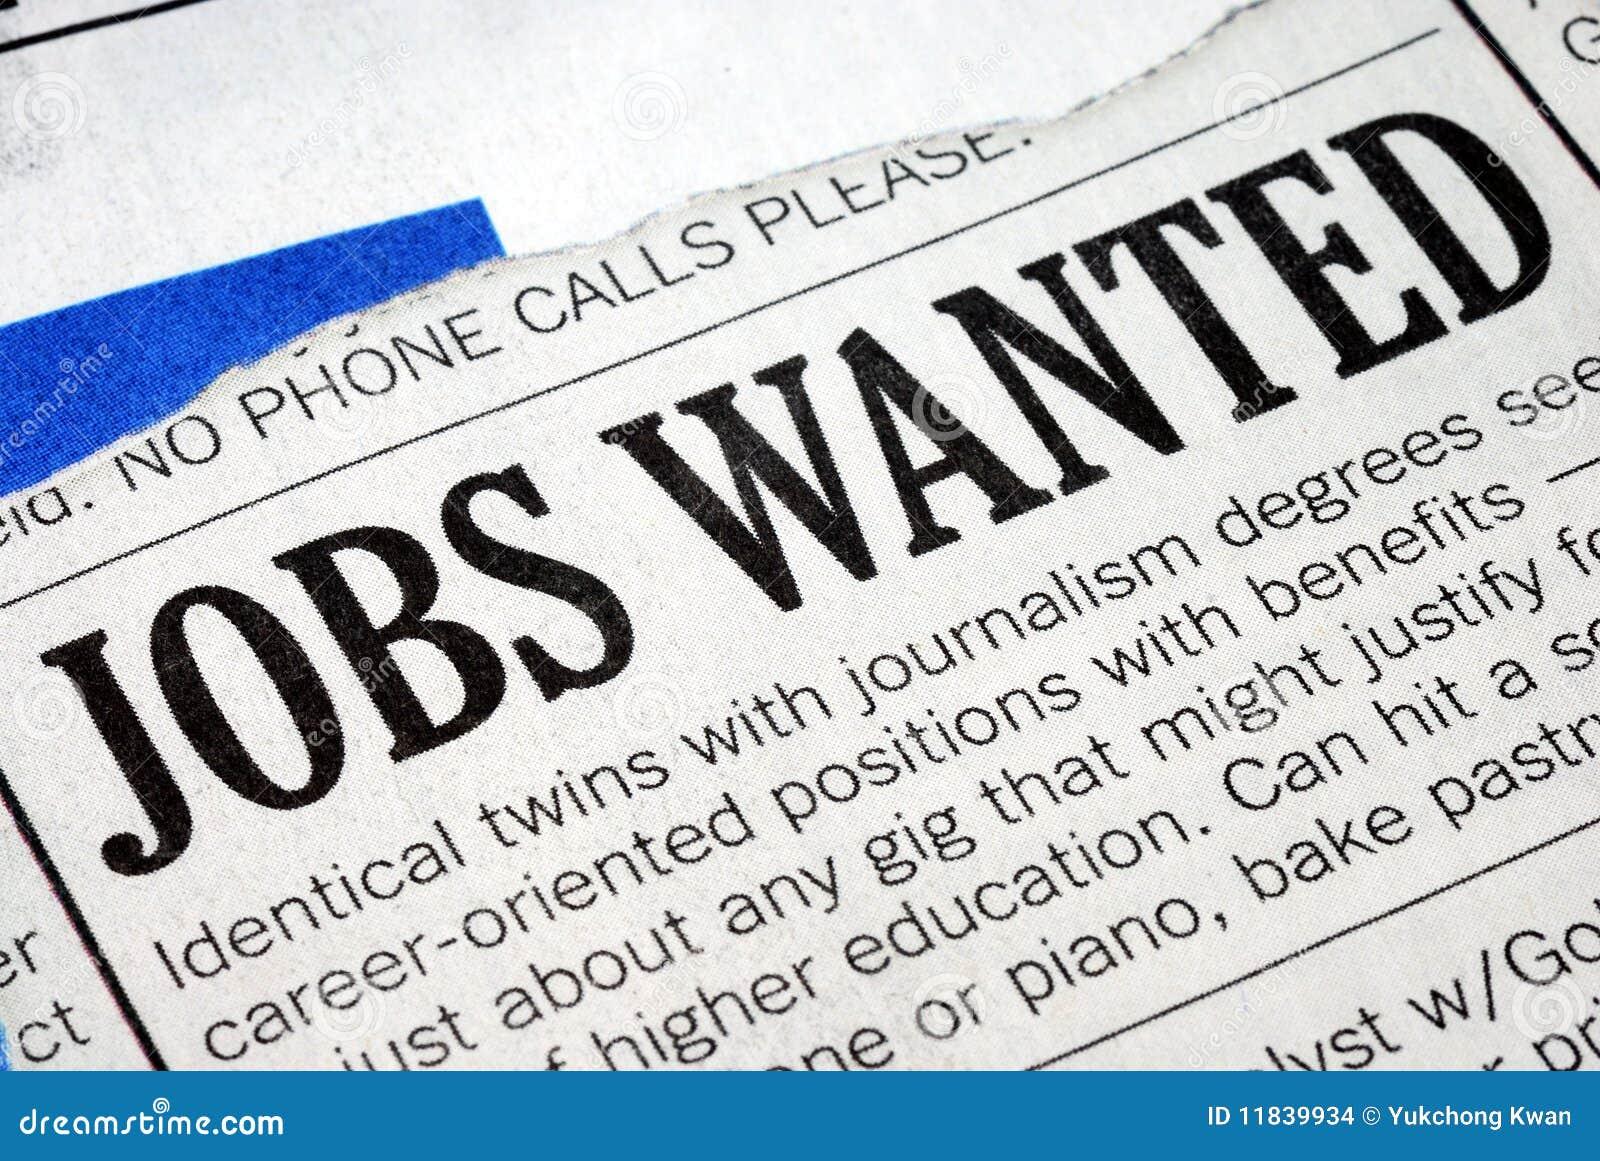 Suchen nach einem Job